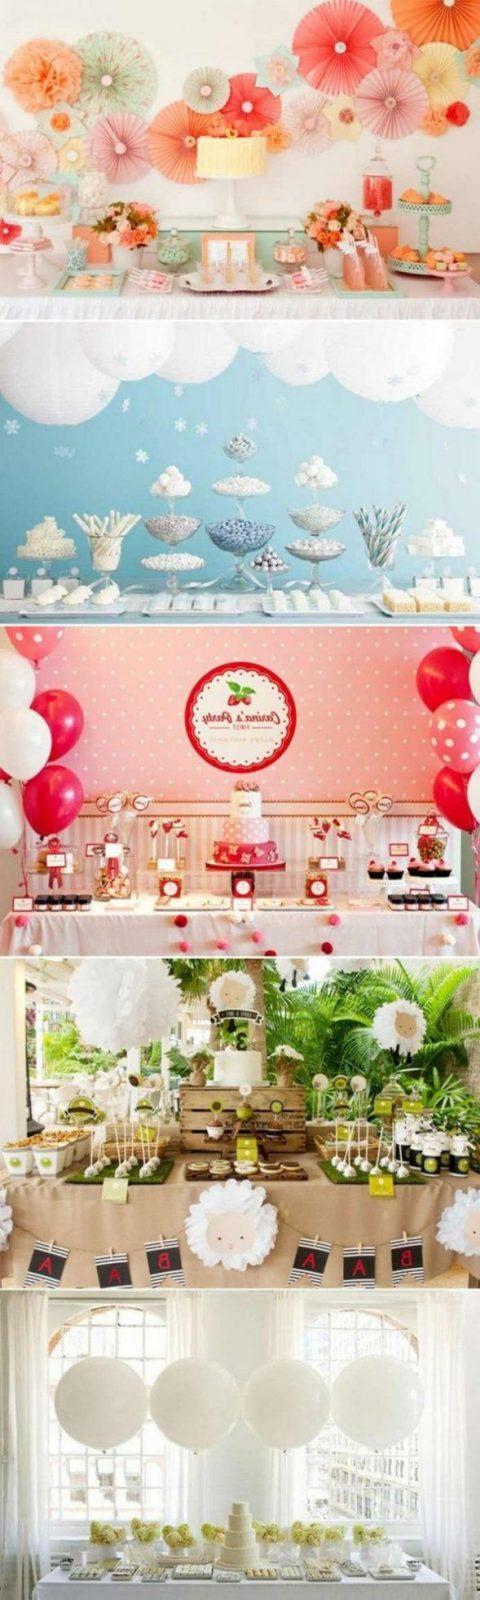 Auffallende Tischdeko Mit Decoupage Luftballons Ananasfruchten Und